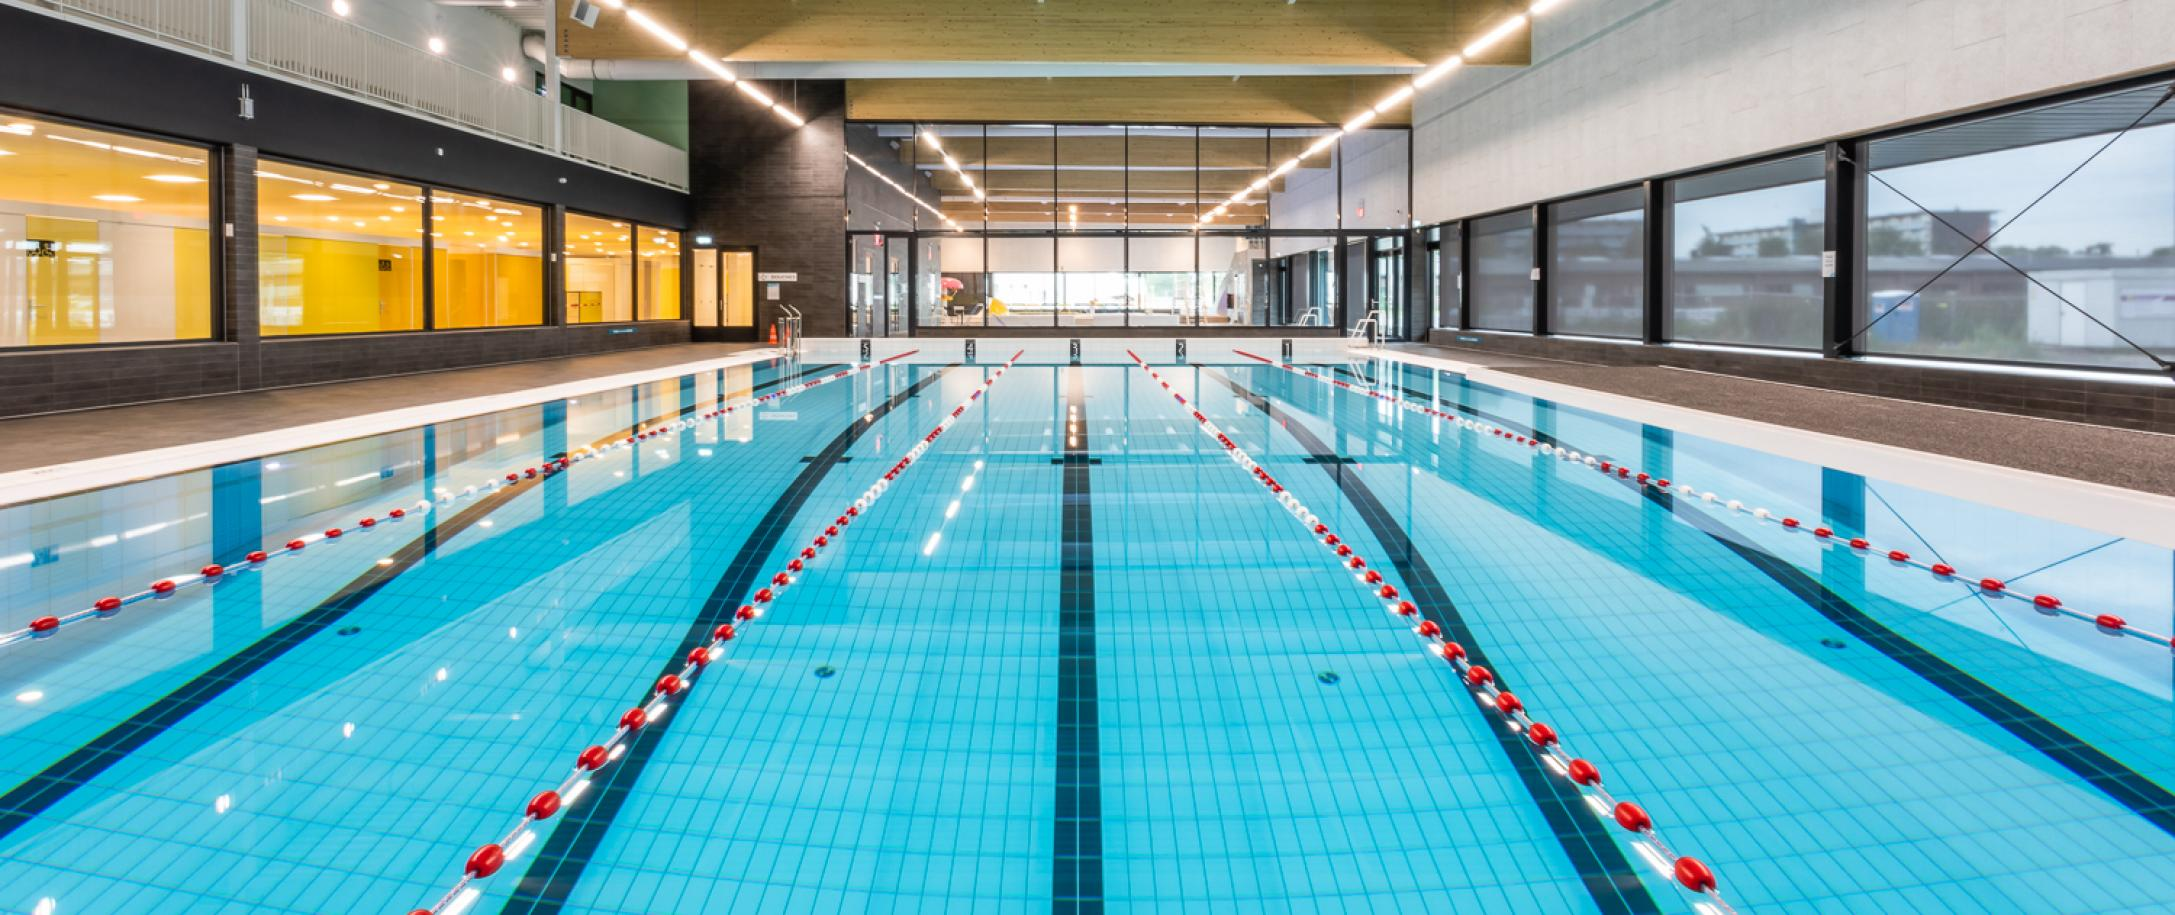 Sportcomplex De Eendr8 Hellevoetsluis